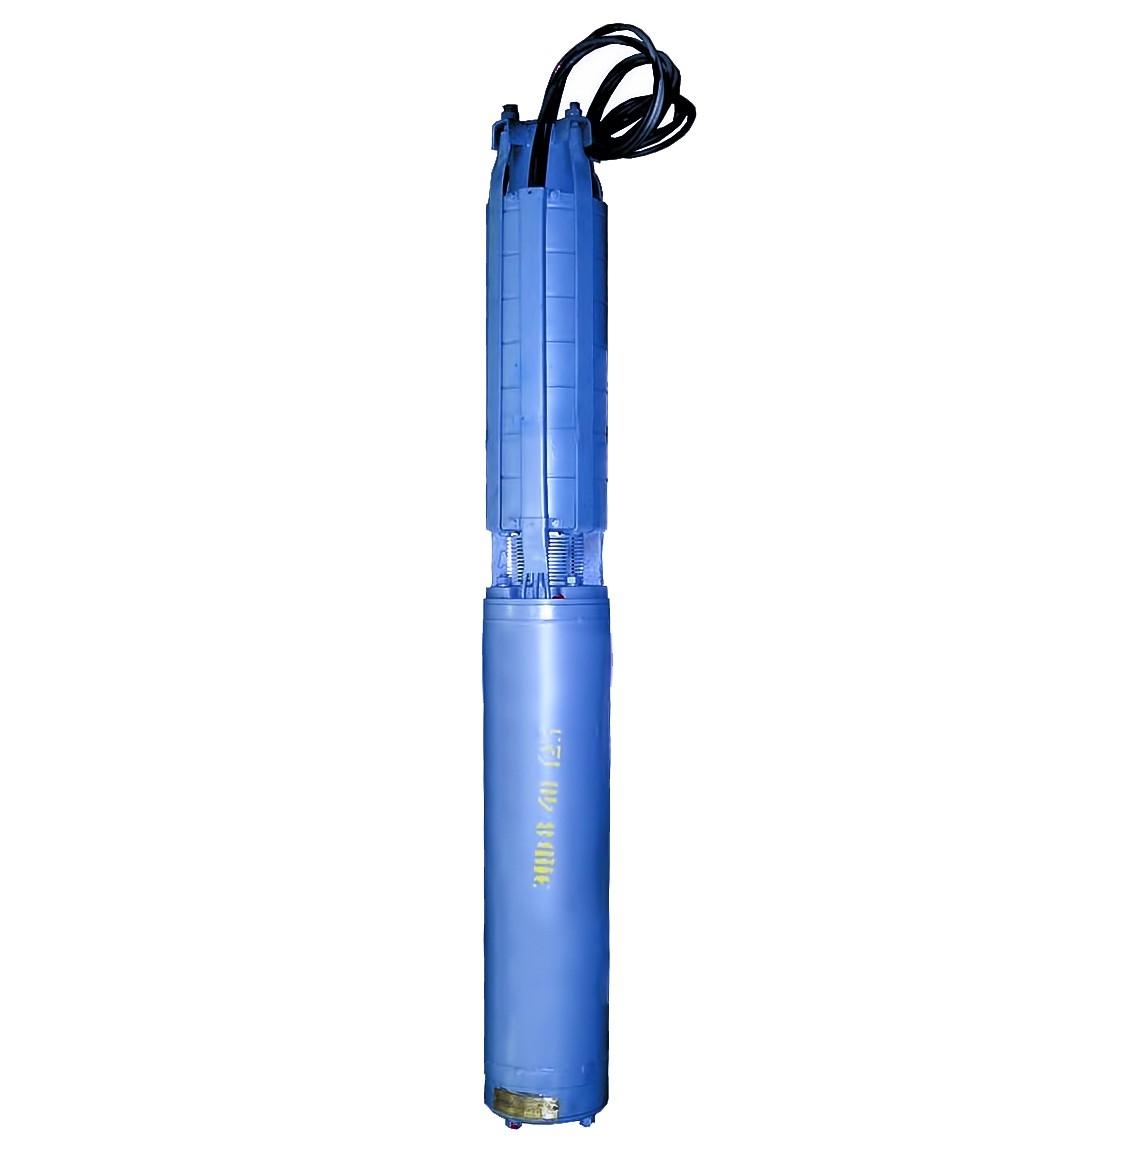 Погружной насос ЭЦВ 6-4-190 армлен